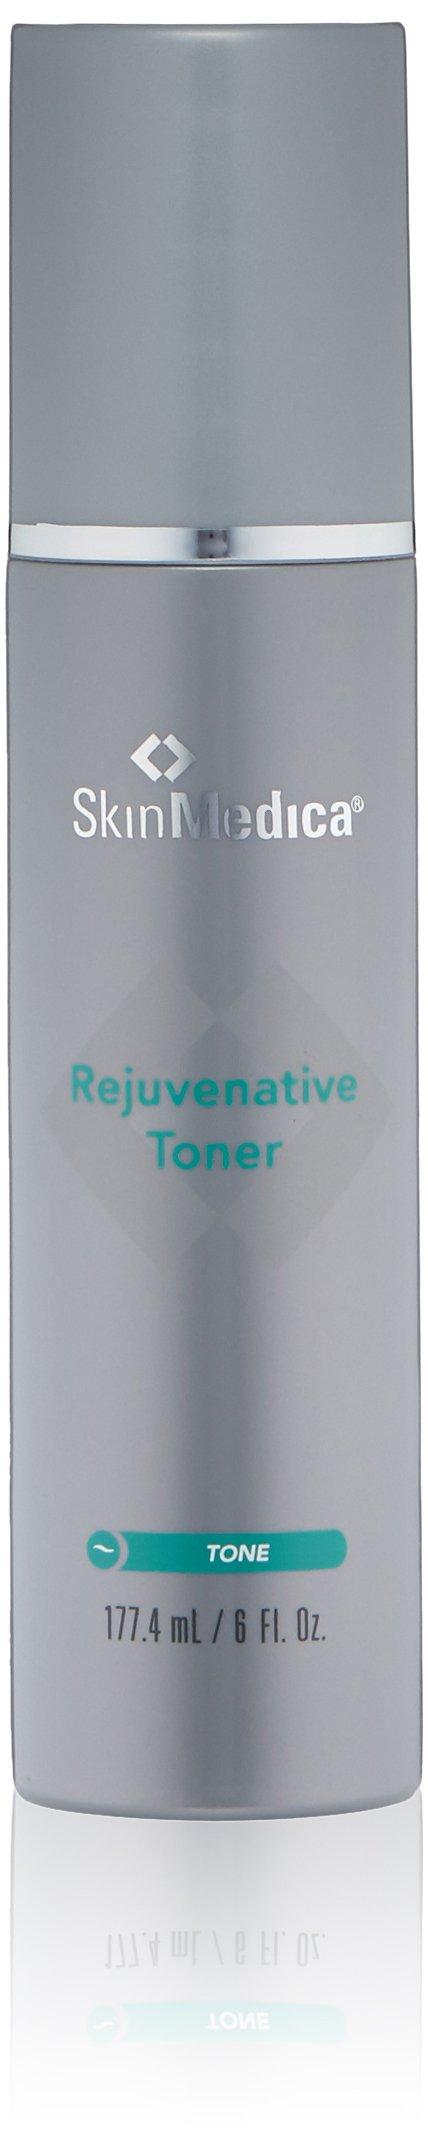 SkinMedica Rejuvenative Toner, 6 oz. by SkinMedica